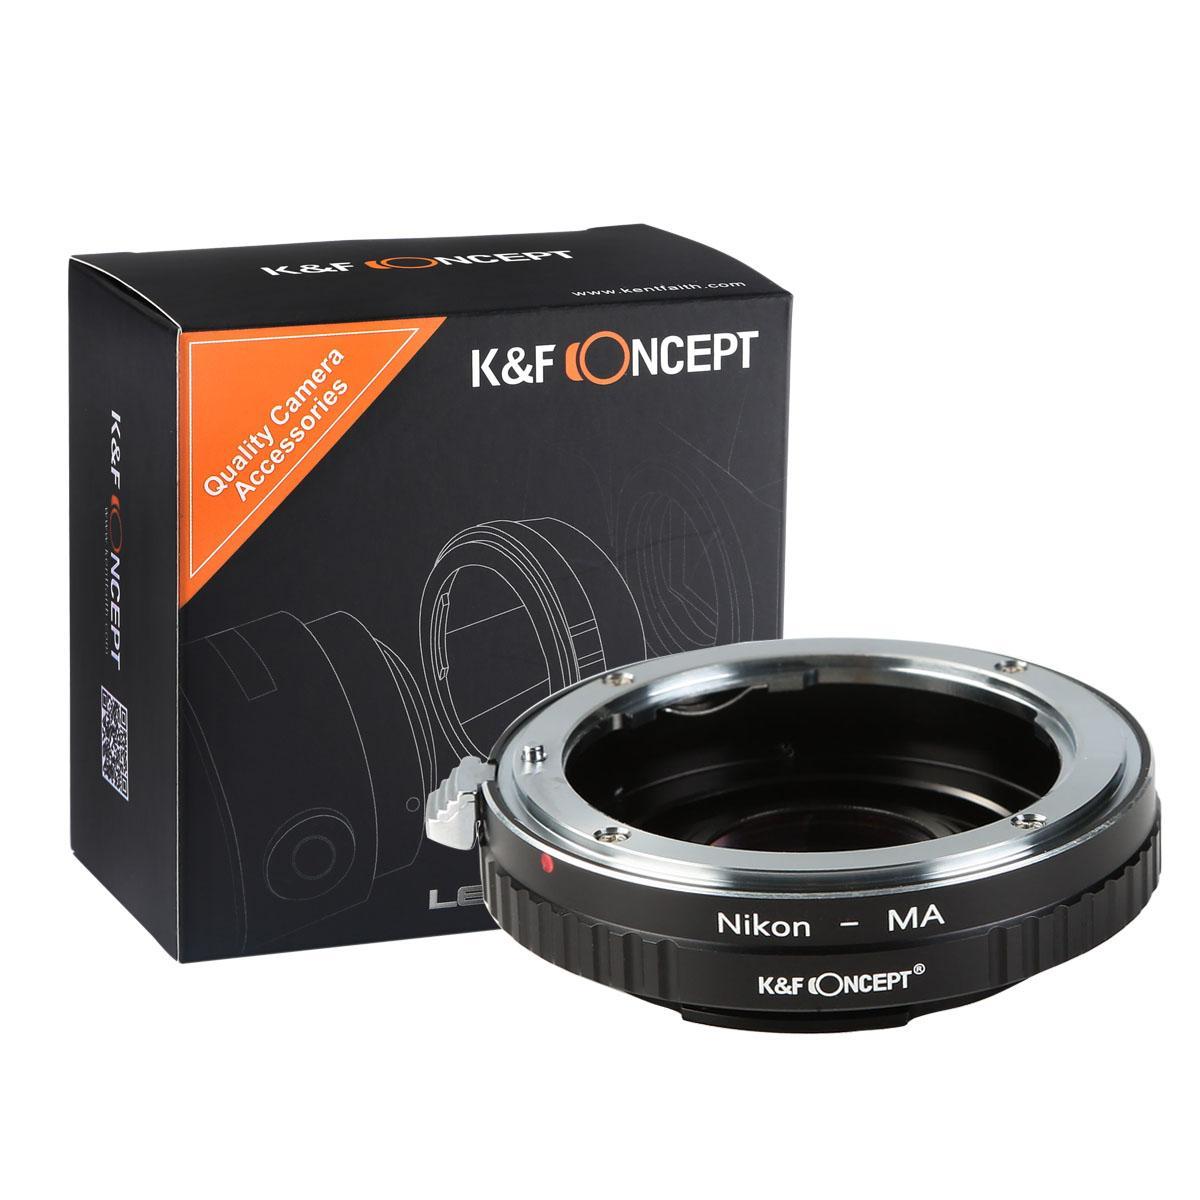 Nikon F Lenzen voor Minolta A / Sony A Camera Adapter met optisch glas